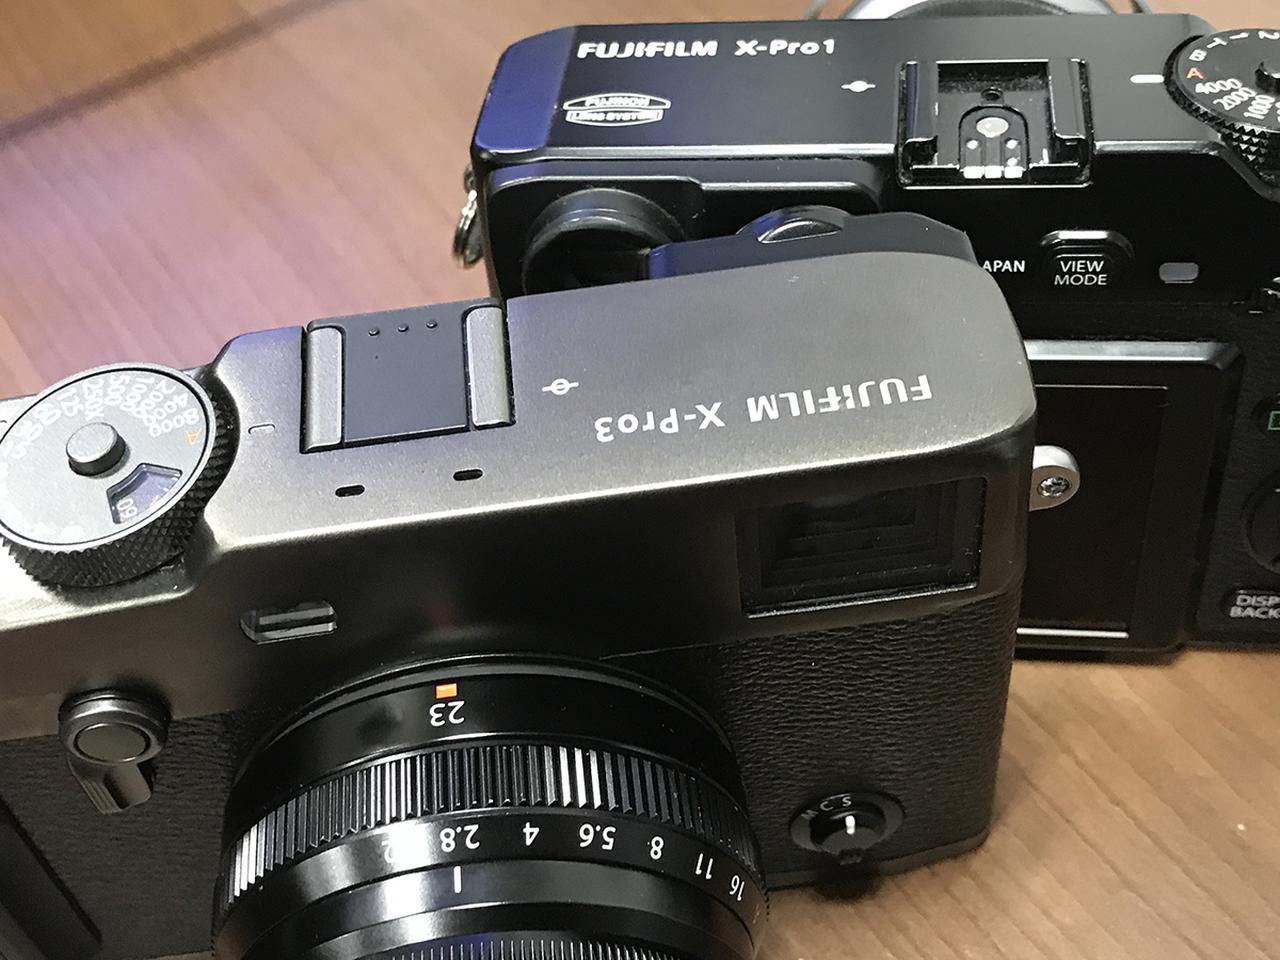 画像: 後列は、編集部・金城が愛用する初代モデル「X-Pro1」。大きさ、基本デザインは、8年前の初代モデルからほぼ変わらない。